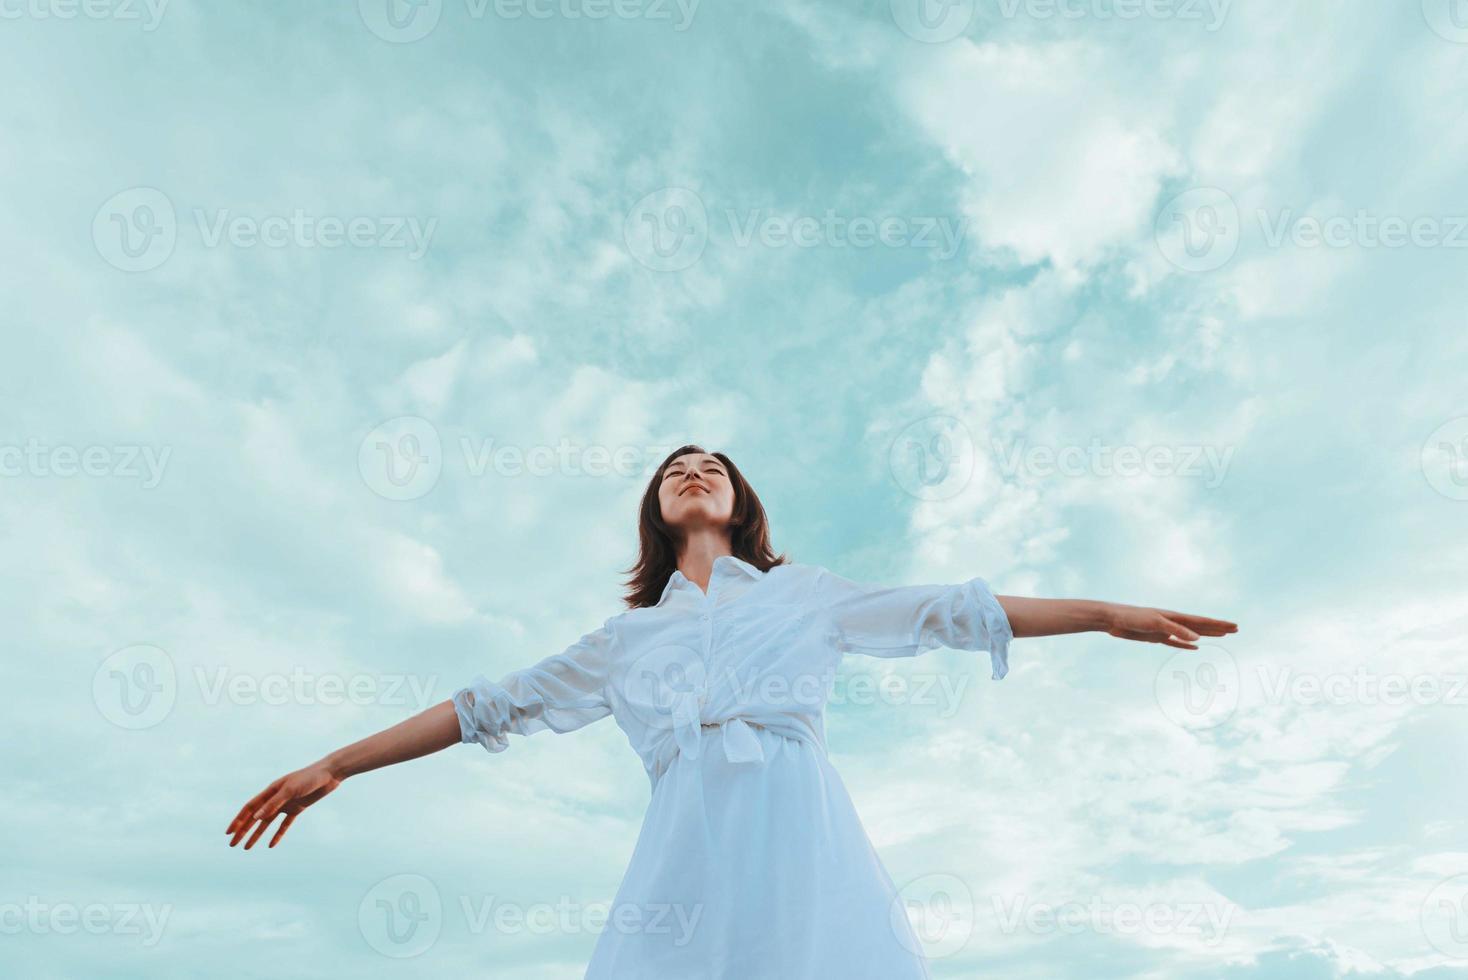 ung kvinna med upphöjda armar njuter av en trevlig dag foto